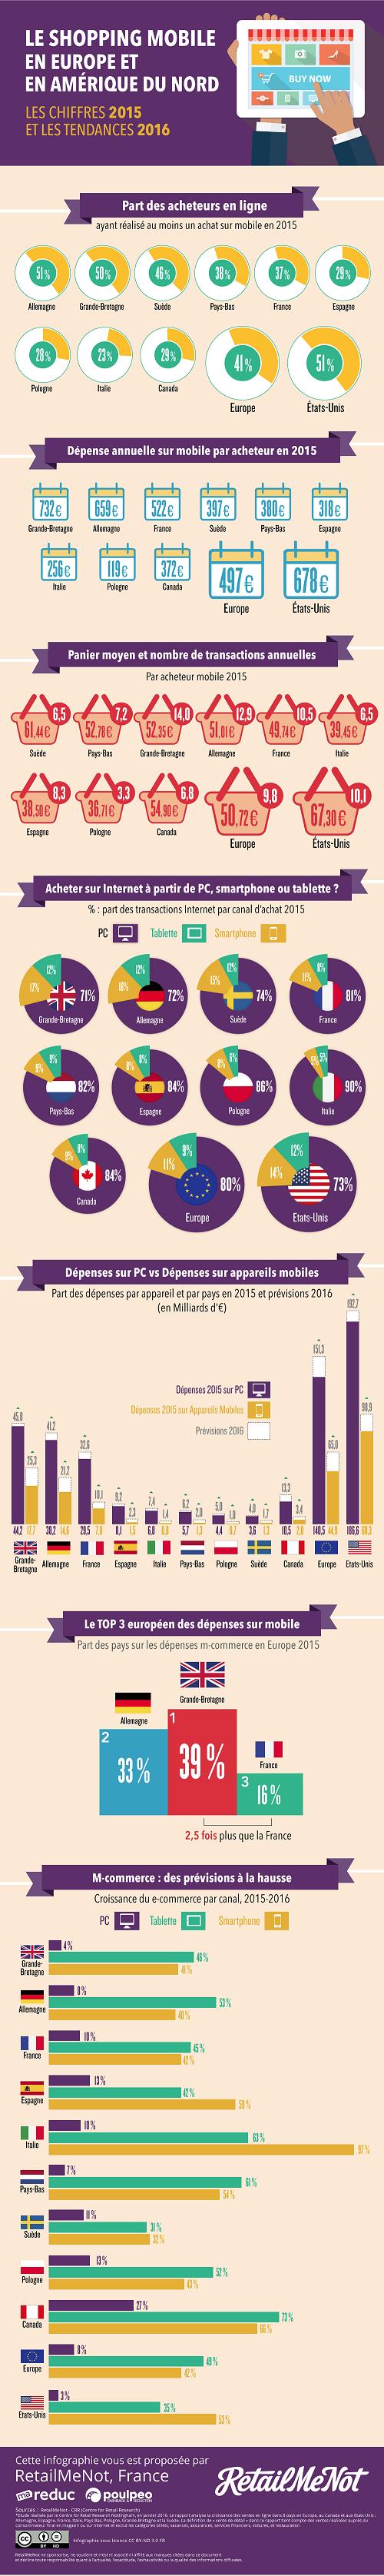 RetailMeNot Infographie Mobile_fr1